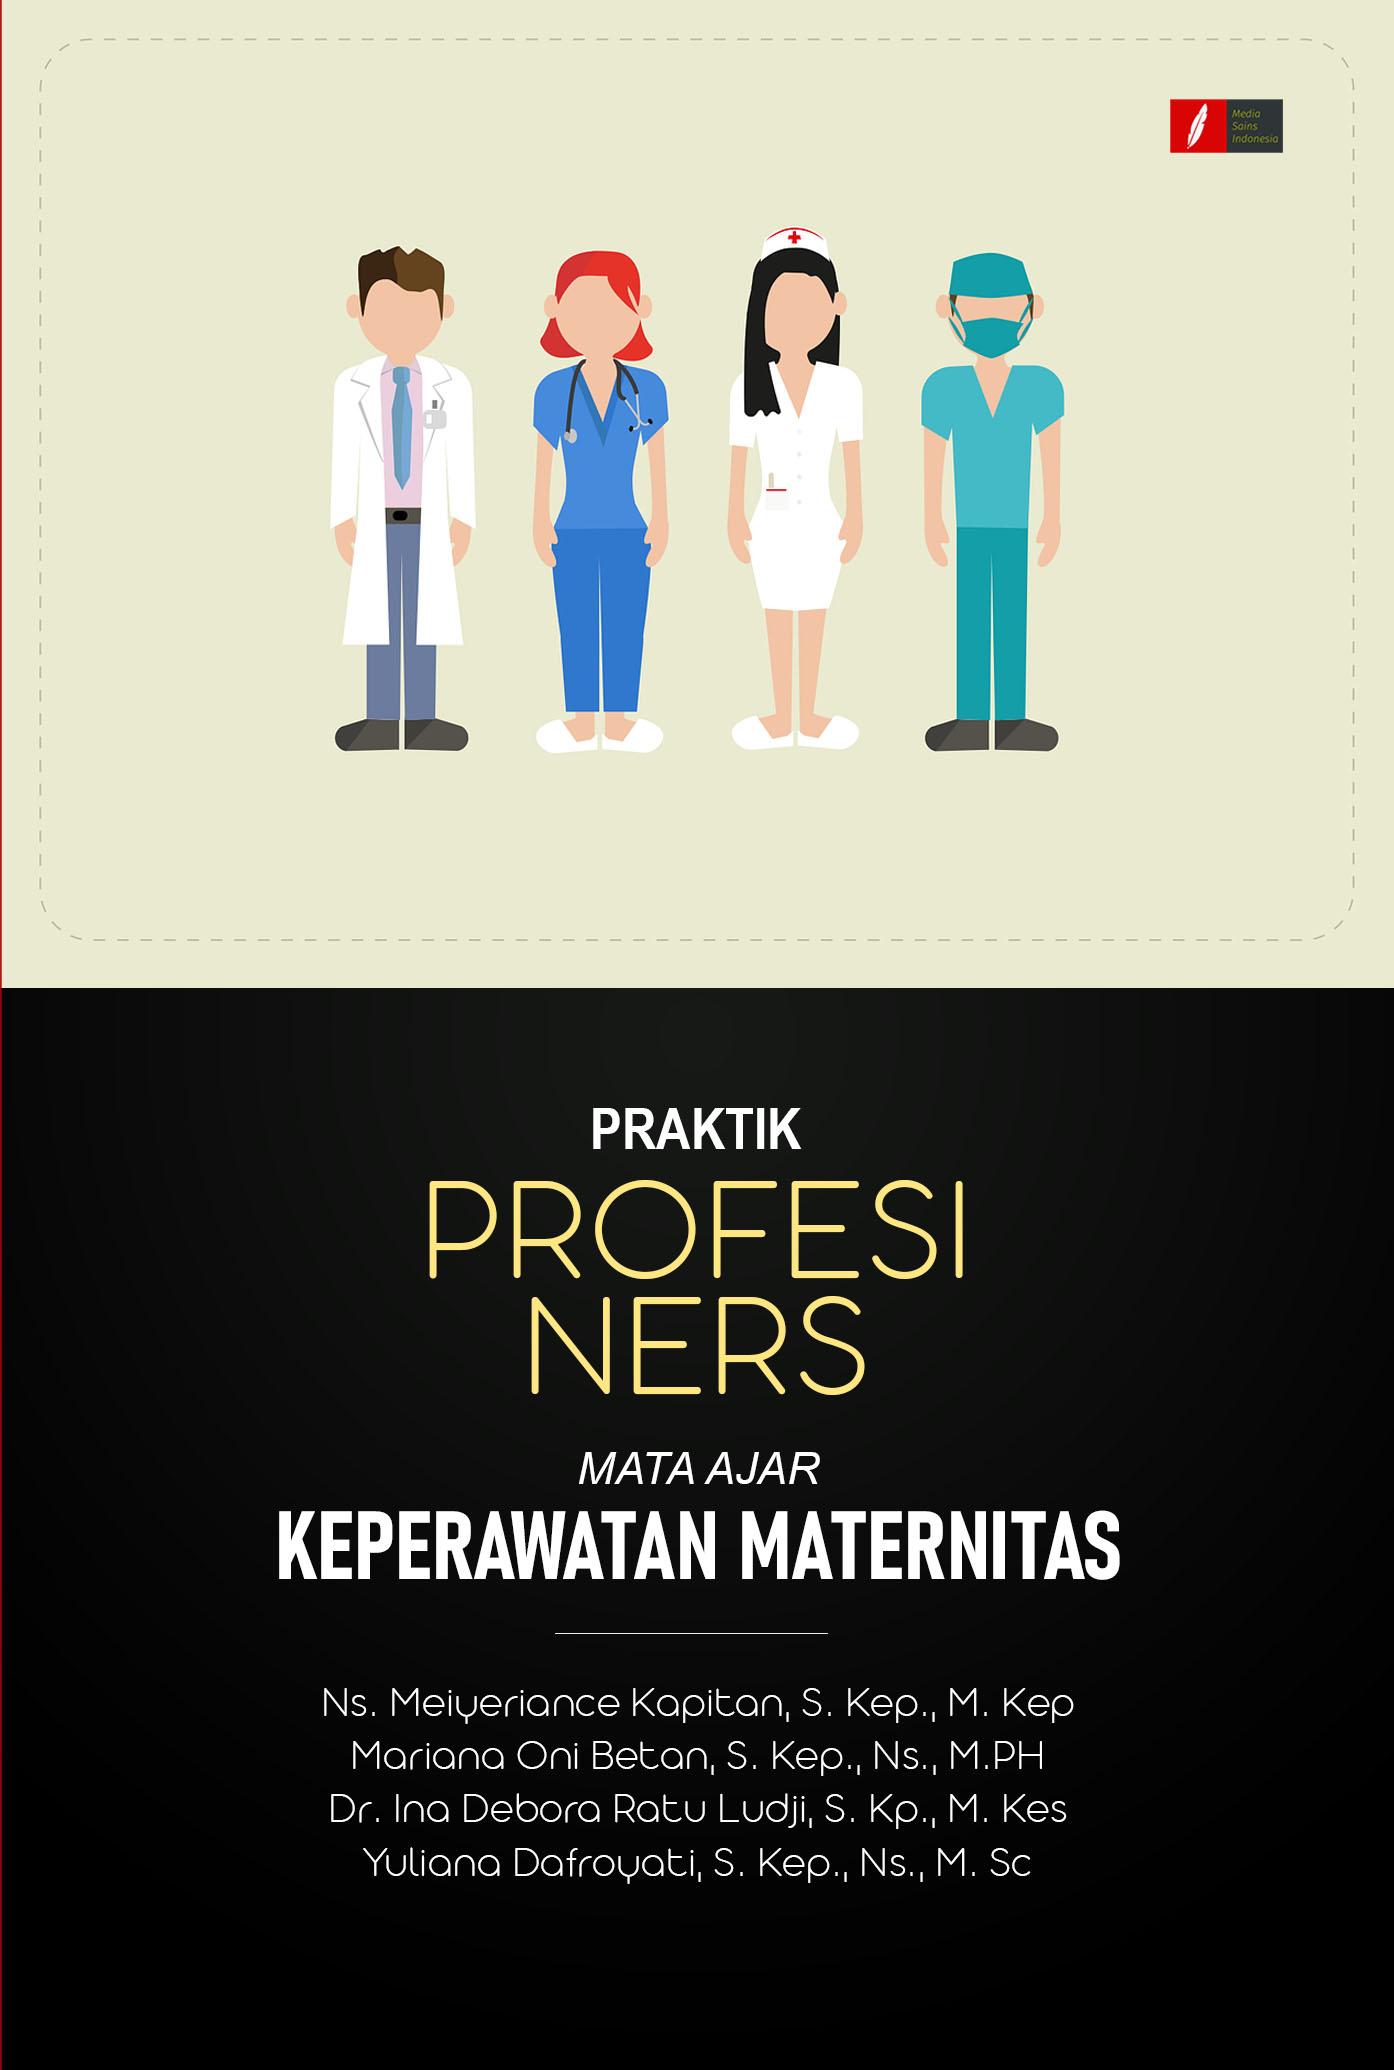 Praktik profesi ners [sumber elektronis] : mata ajar keperawatan maternitas